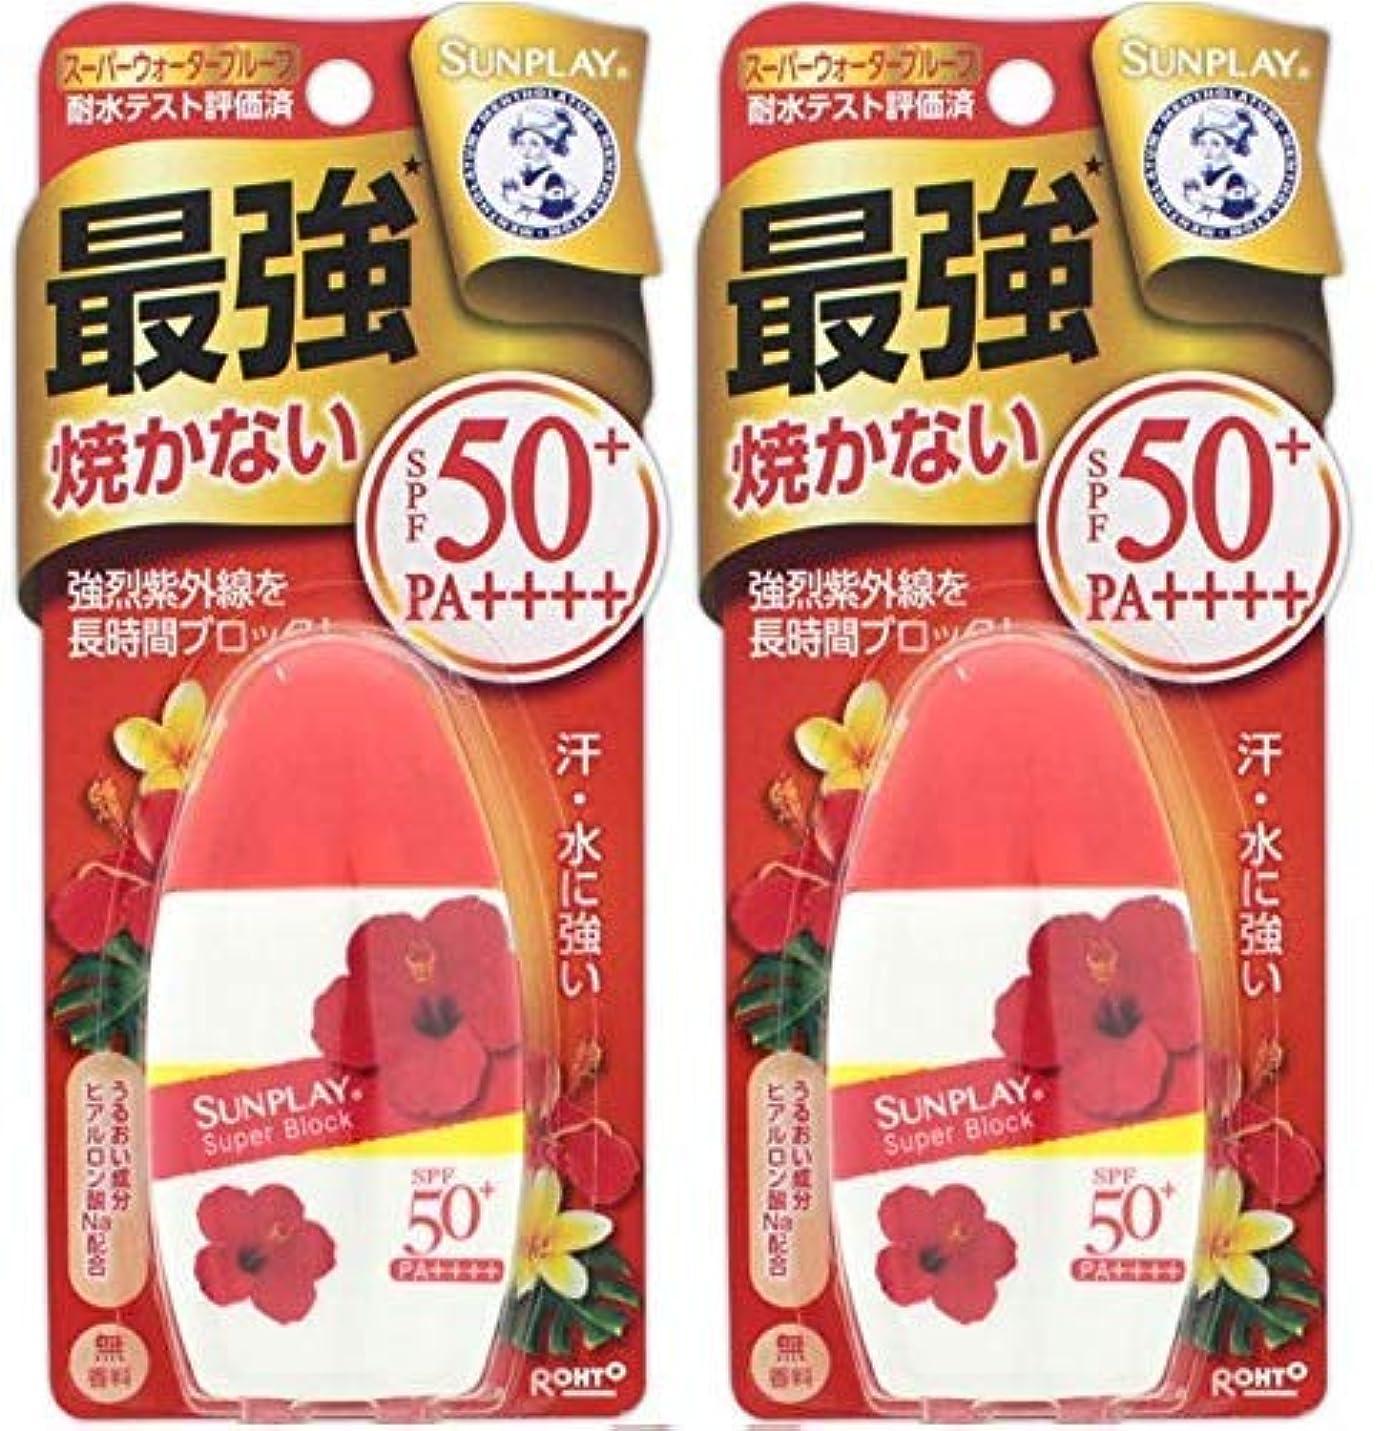 広告する早く赤メンソレータム サンプレイ スーパーブロック 無香料 SPF50+ PA++++ 30g 2個セット